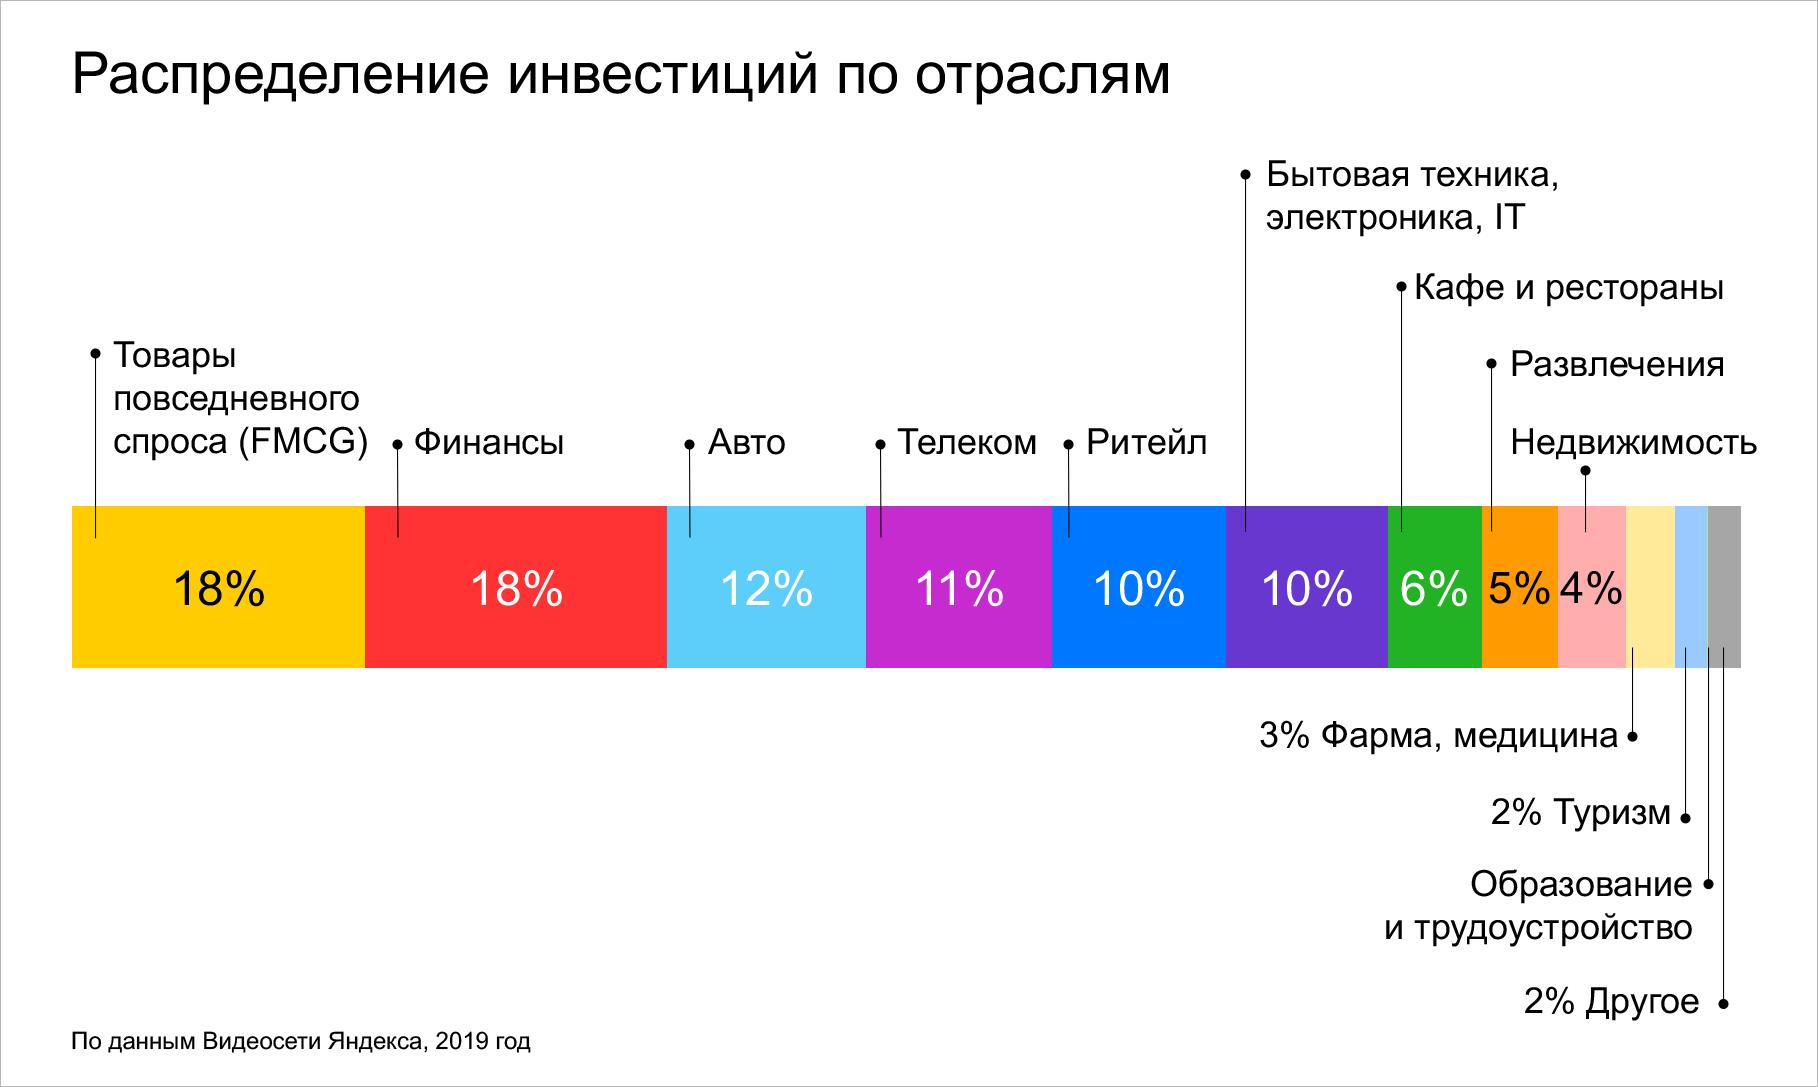 «Яндекс»: количество рекламодателей, размещающих видеорекламу, выросло на 278% в 2019 году